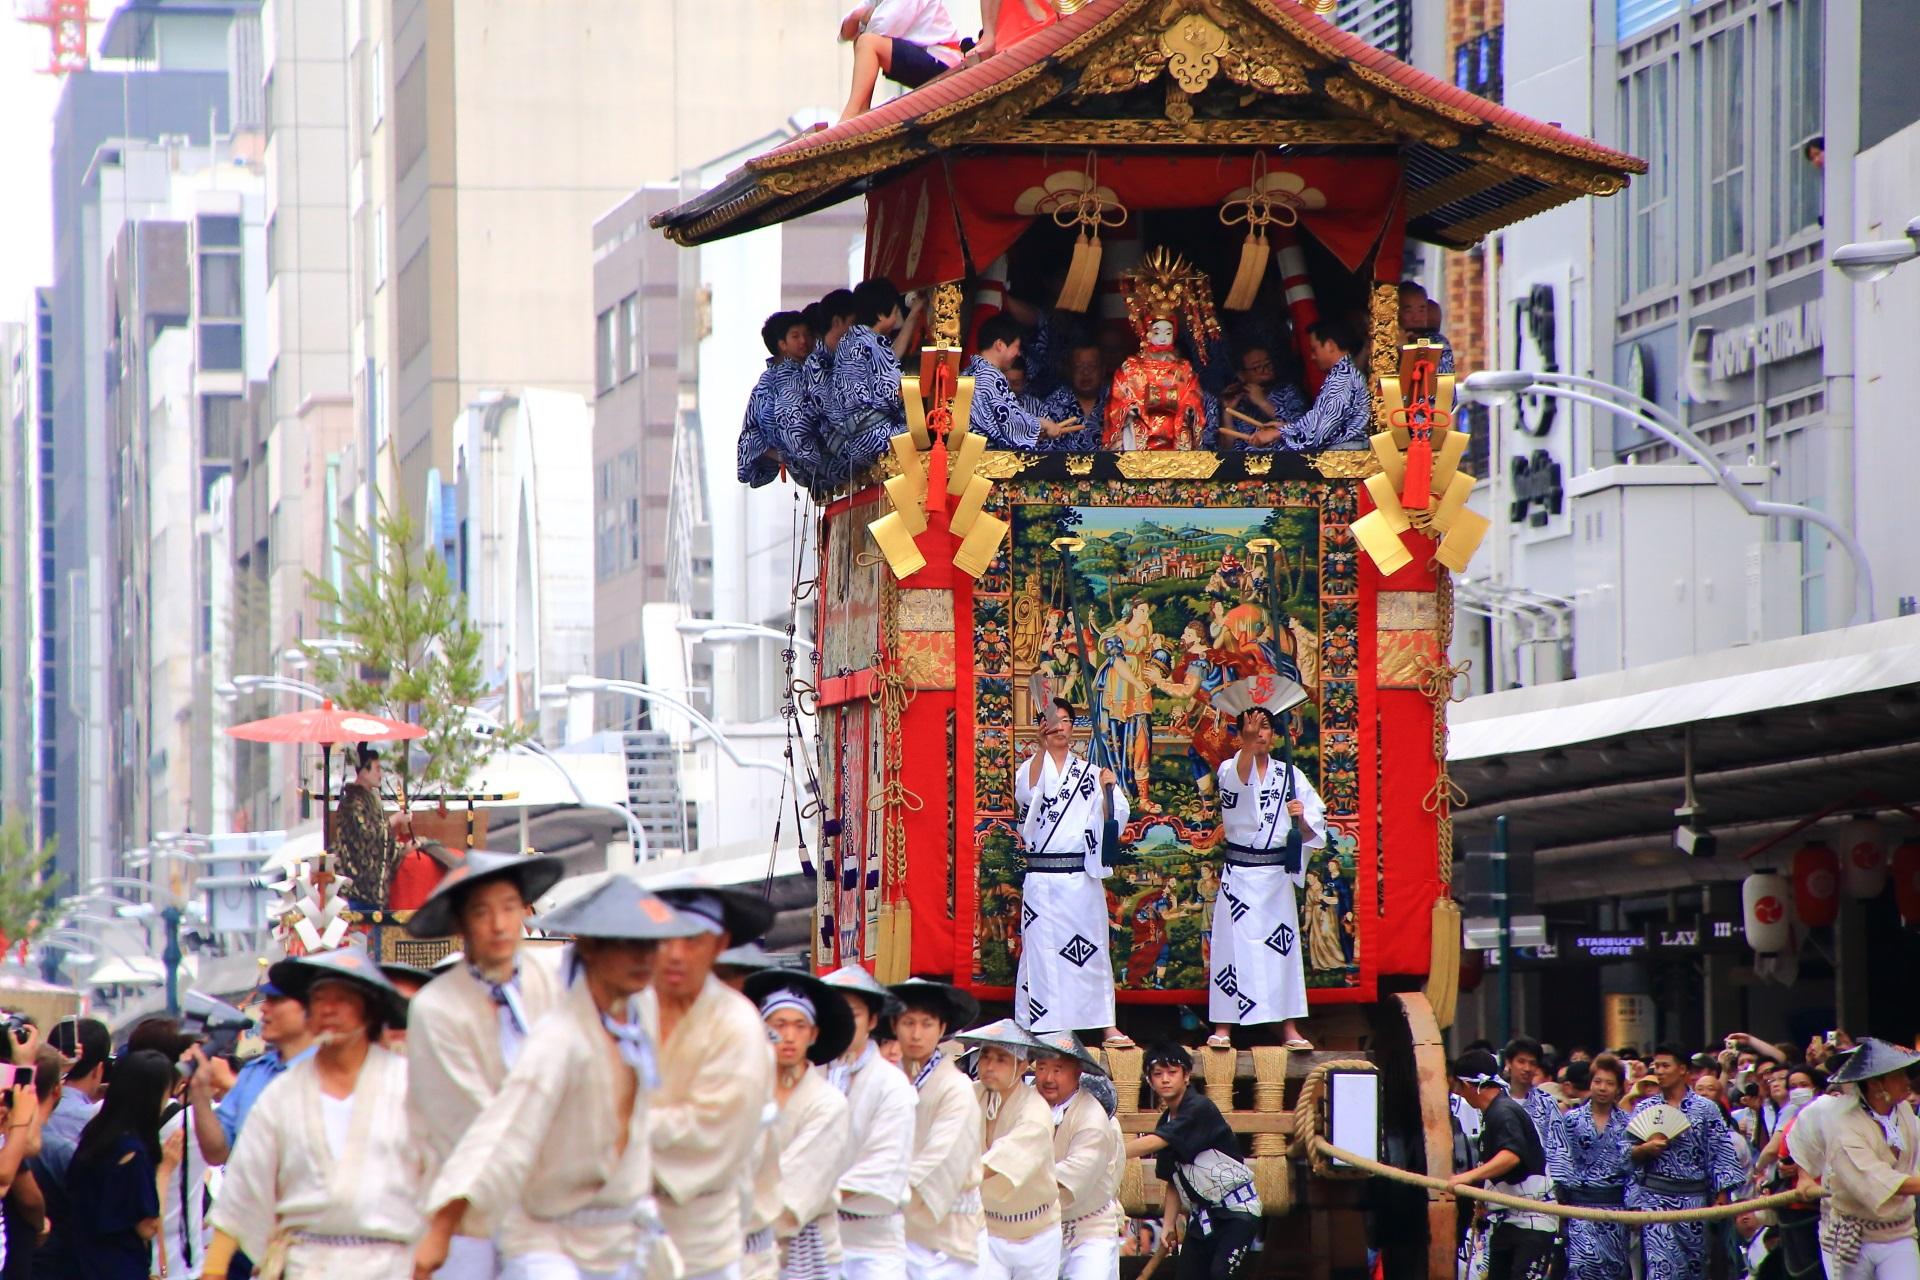 山鉾巡行 祇園祭 函谷鉾 豪華絢爛な山鉾